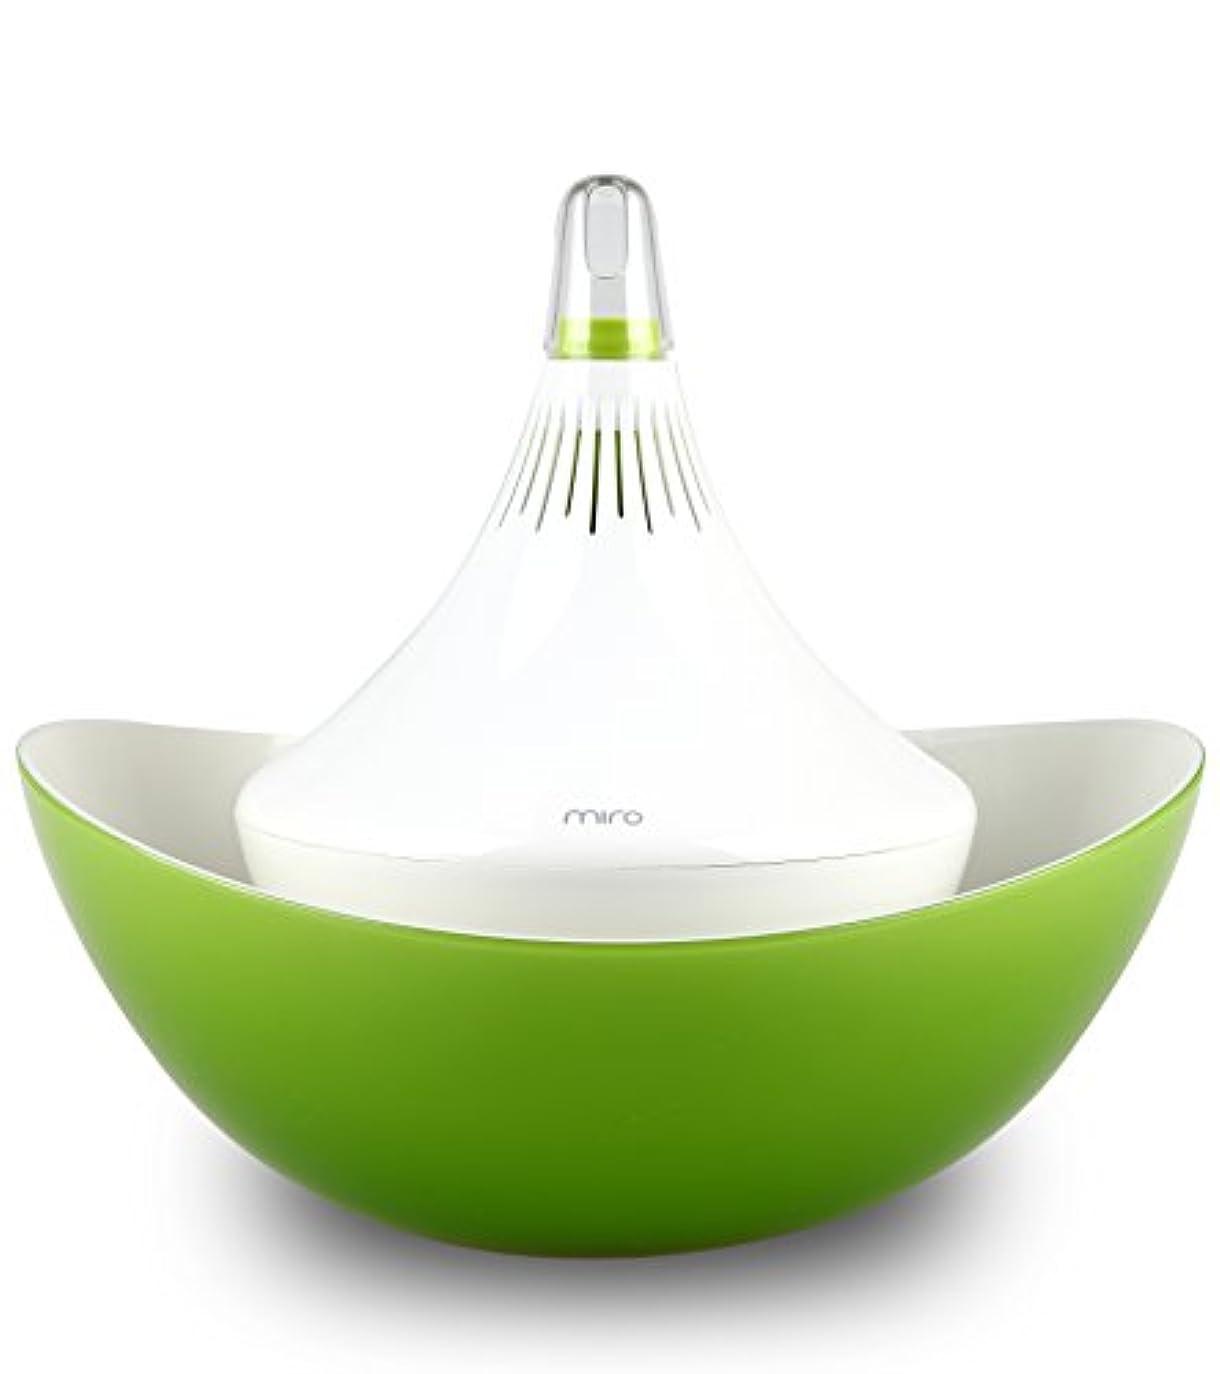 北へ分配します注ぎますMiro CleanPot Cool-Mist Humidifier and Aroma Oil Diffuser - (Bowl included) by Miro